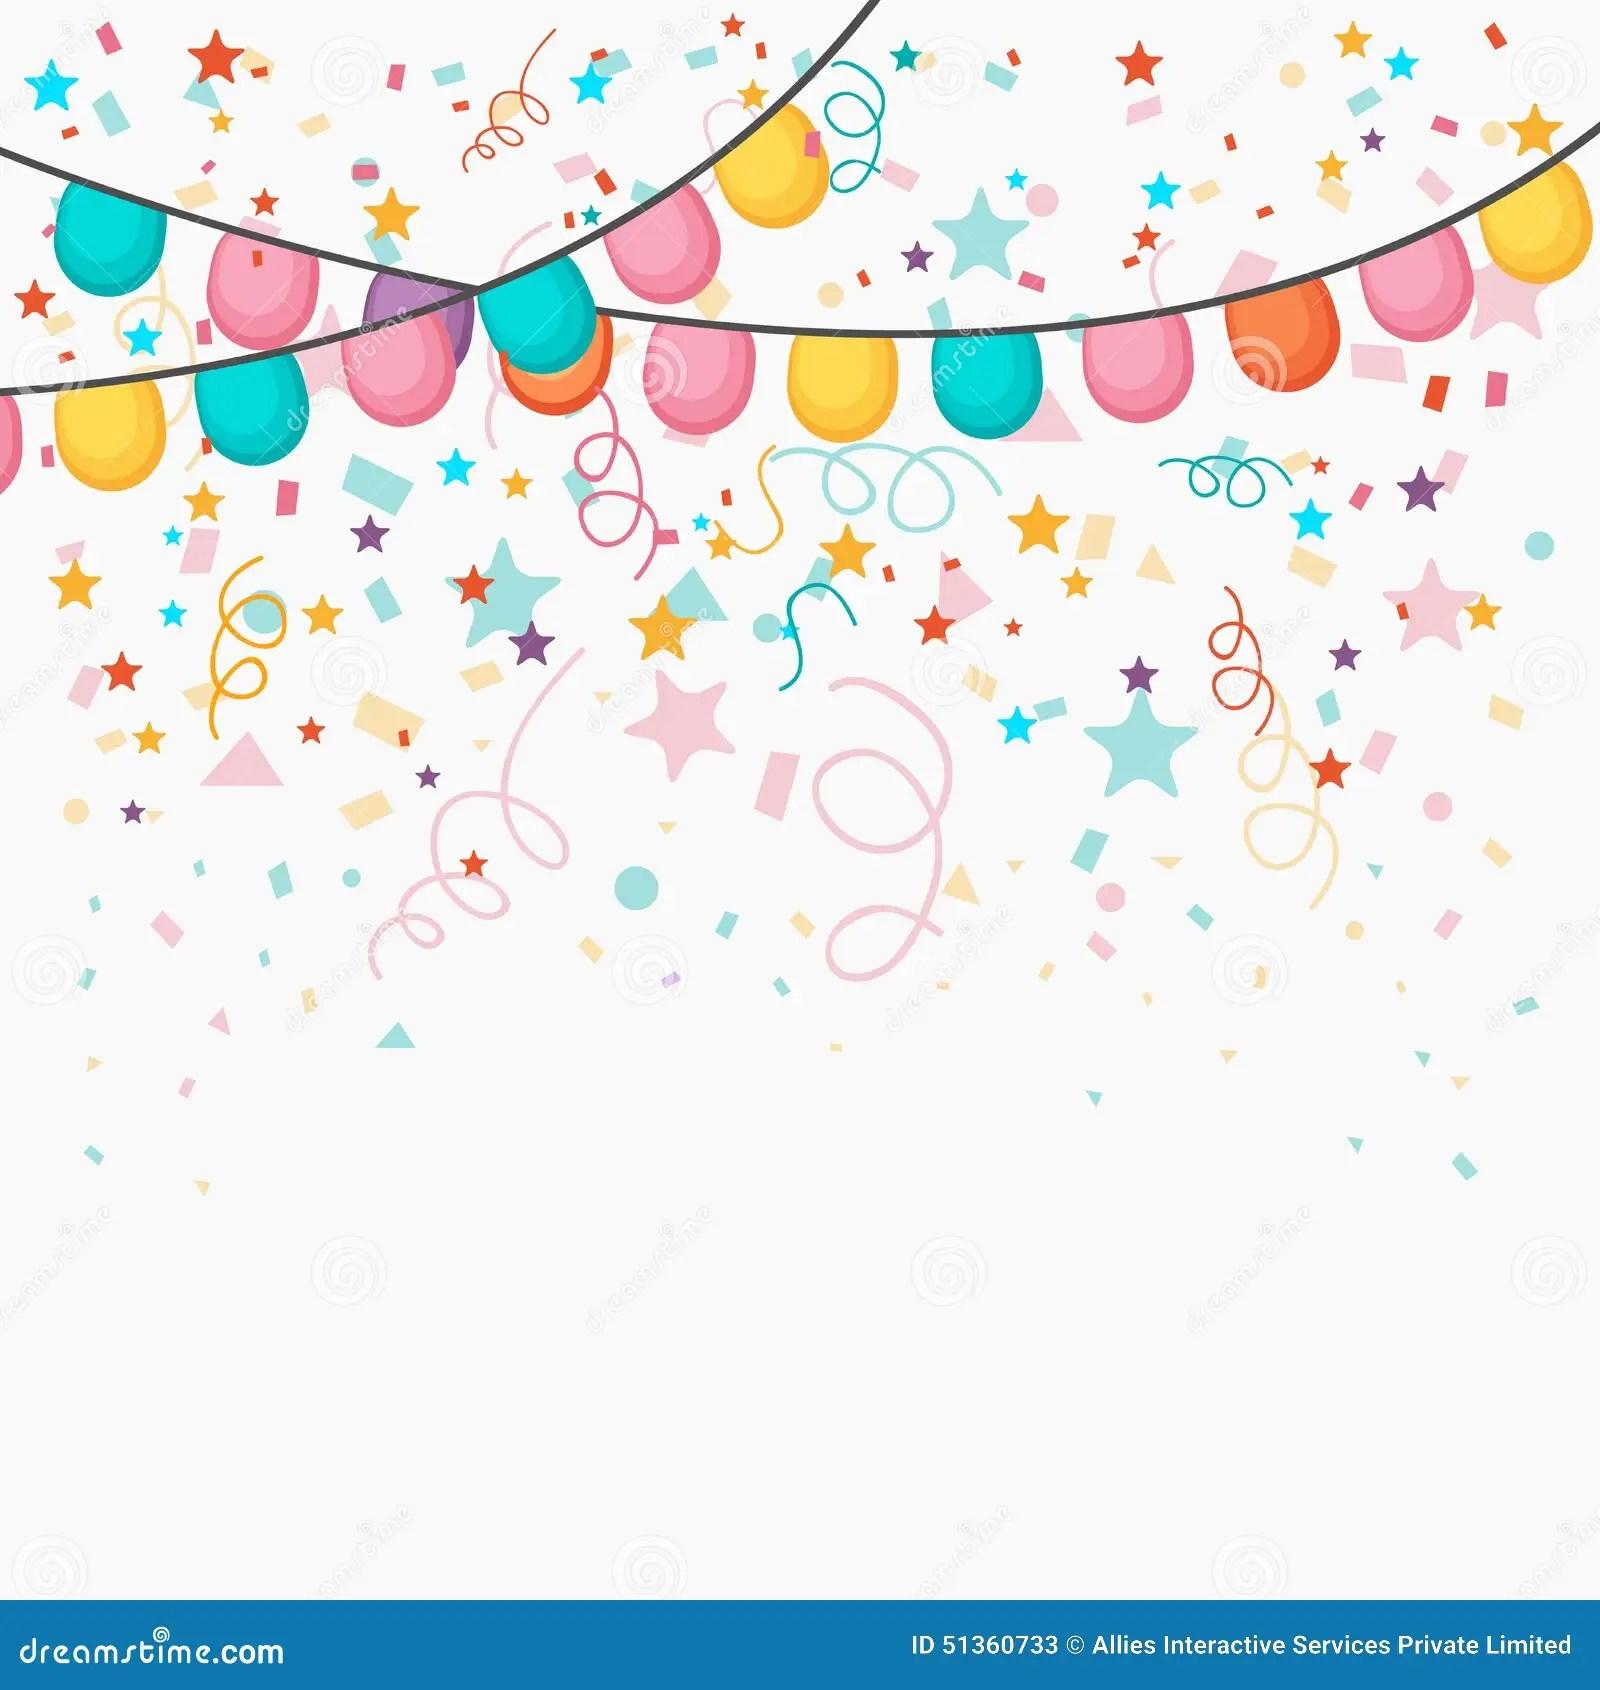 Glitter 3d Wallpaper Festive Celebration Background Stock Illustration Image